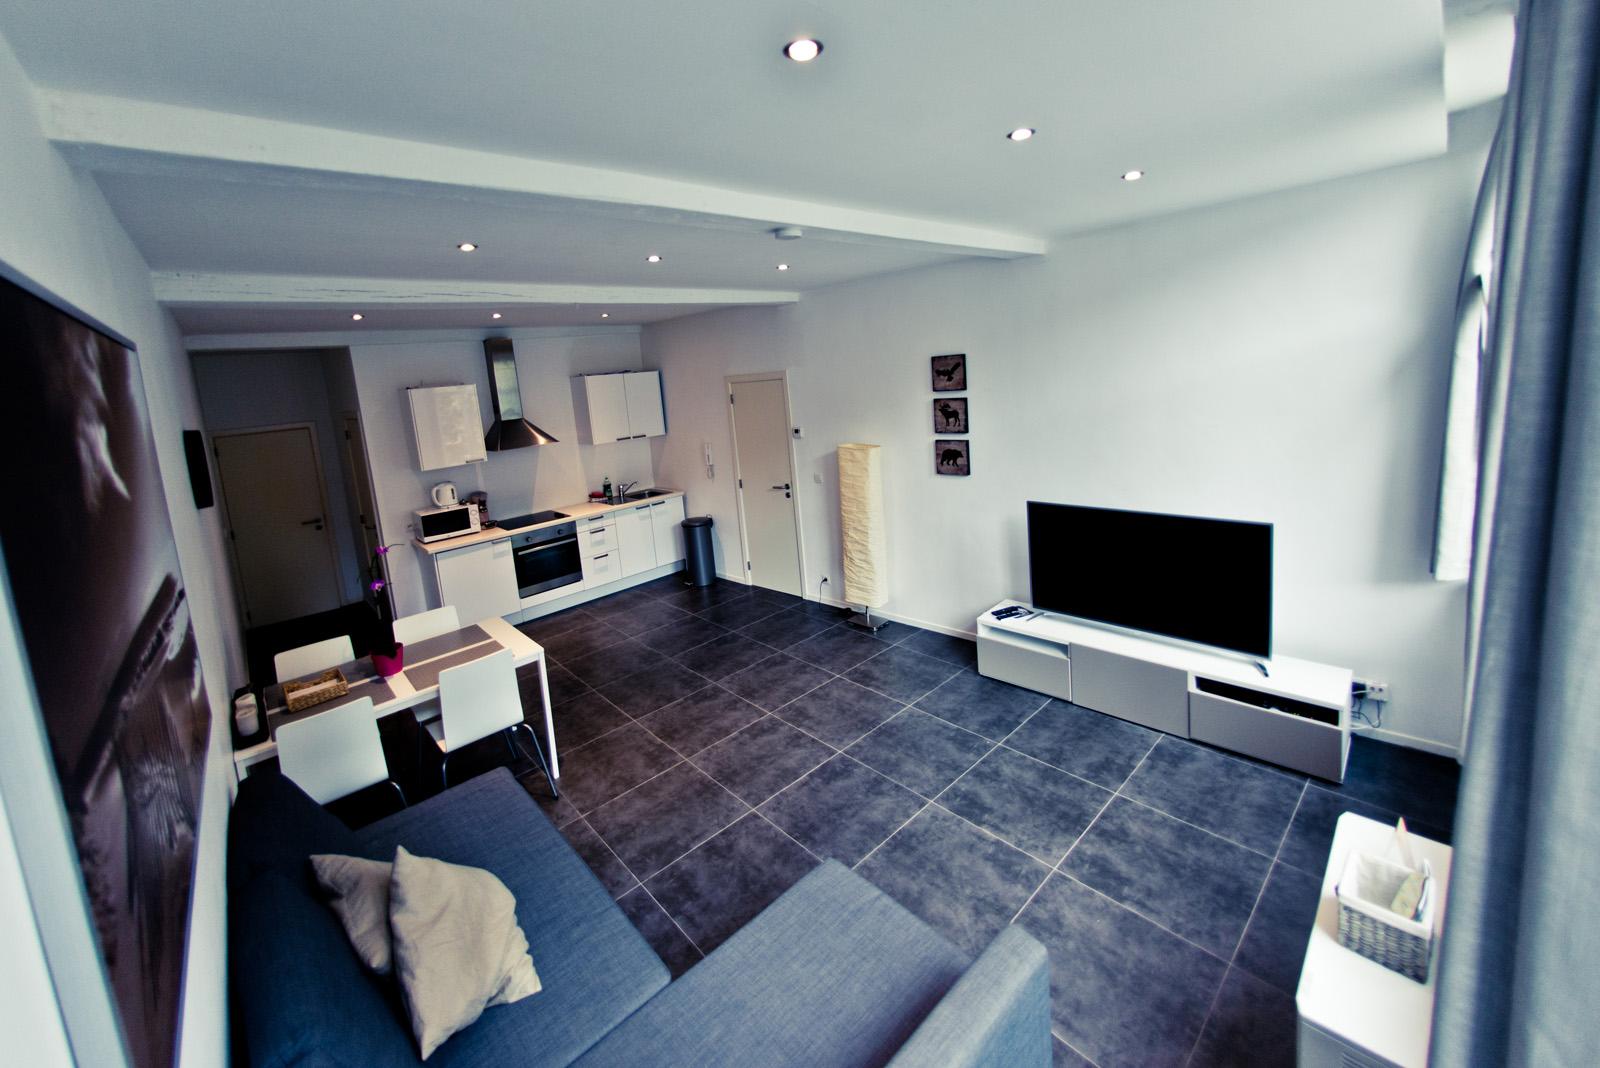 Nos logements les suites de nanesse officiel appart for Appart hotel 95